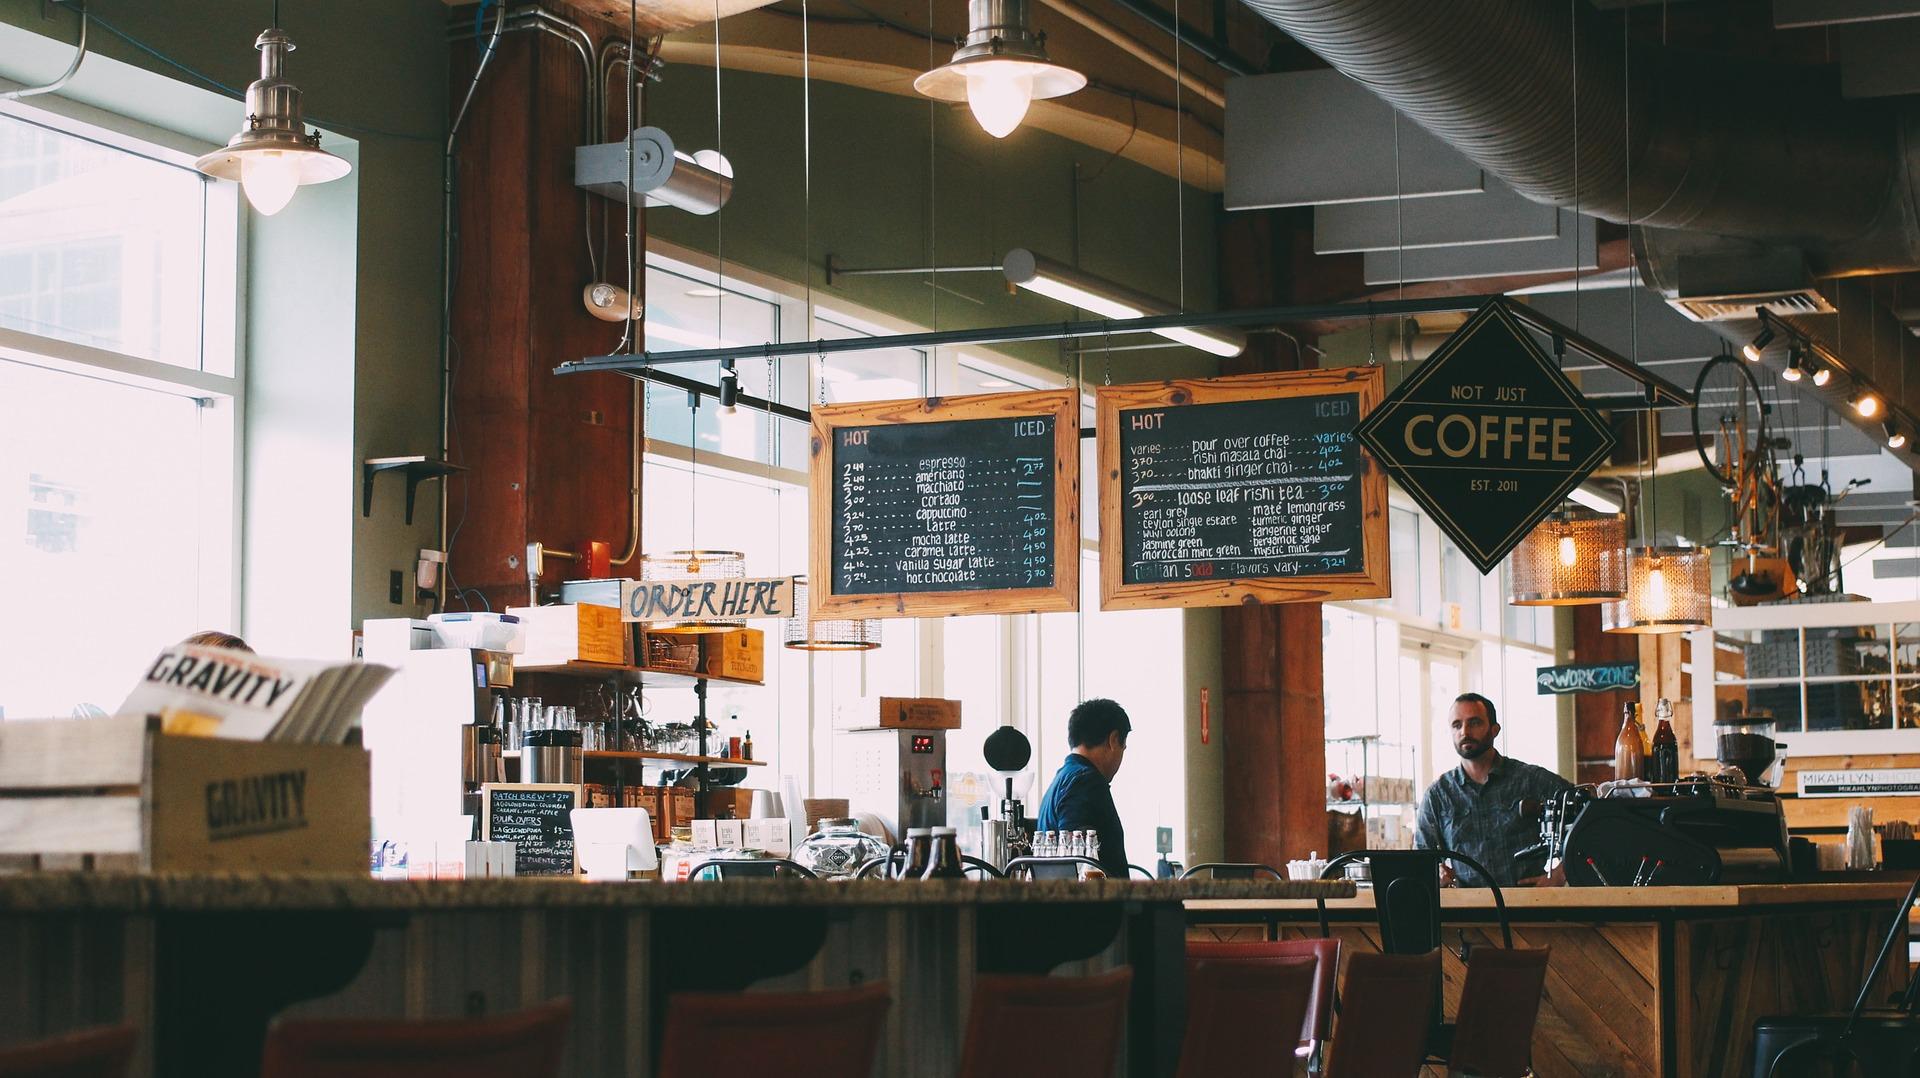 Der Treffpunkt für Online-Marketing Agenturen, Inhousler und Freelancer